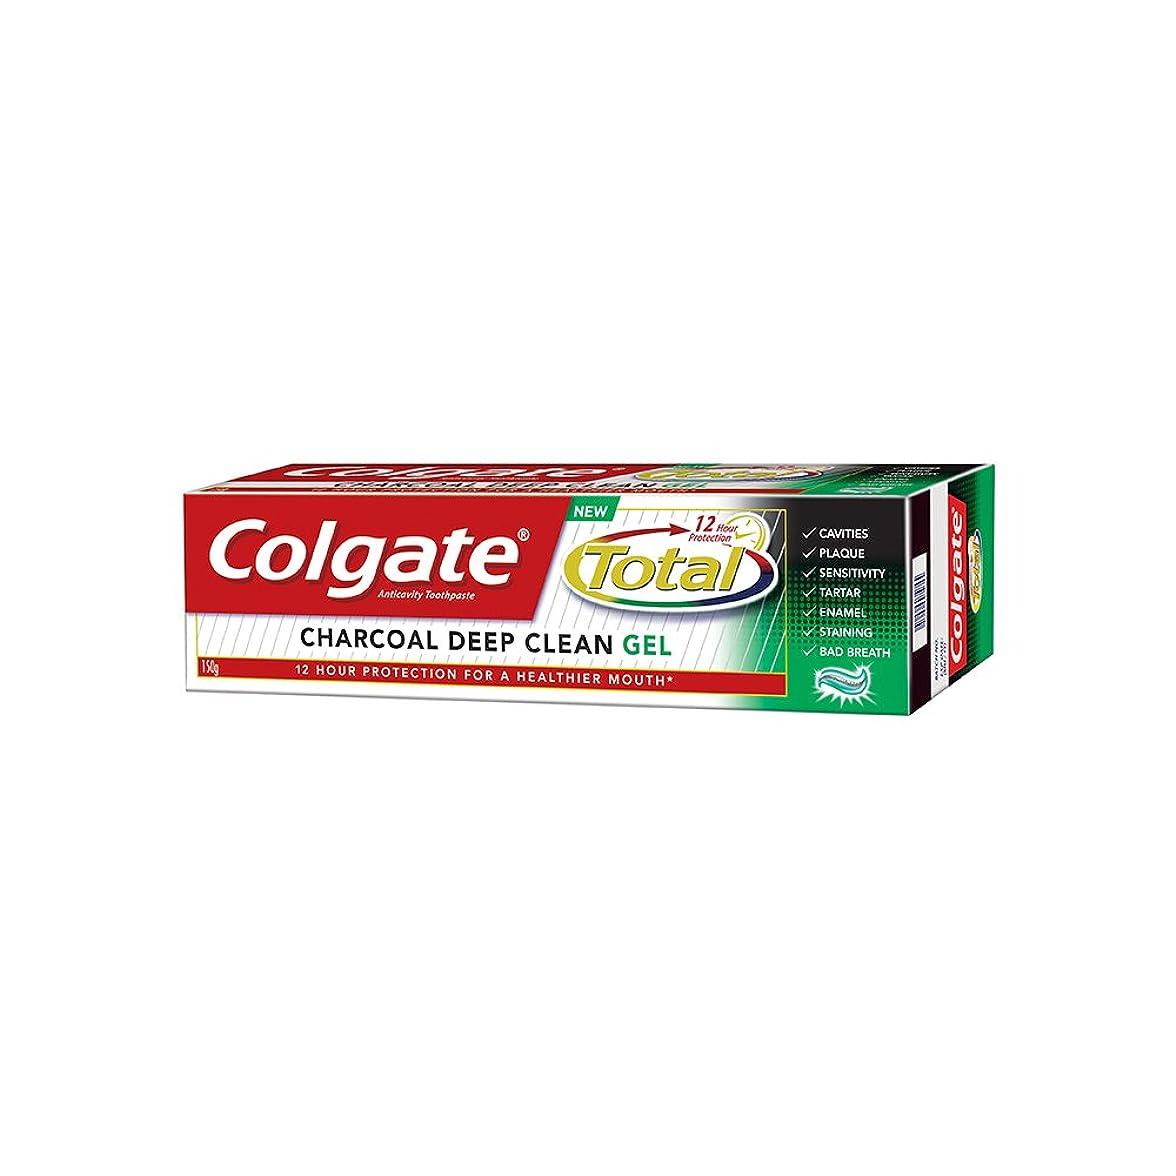 ディスカウント柔らかさ心理的(コルゲート)Colgate CHARCOAL DEEP CLEAN GEL 歯磨き粉 Total (150g, チャコール ディープクリーン)